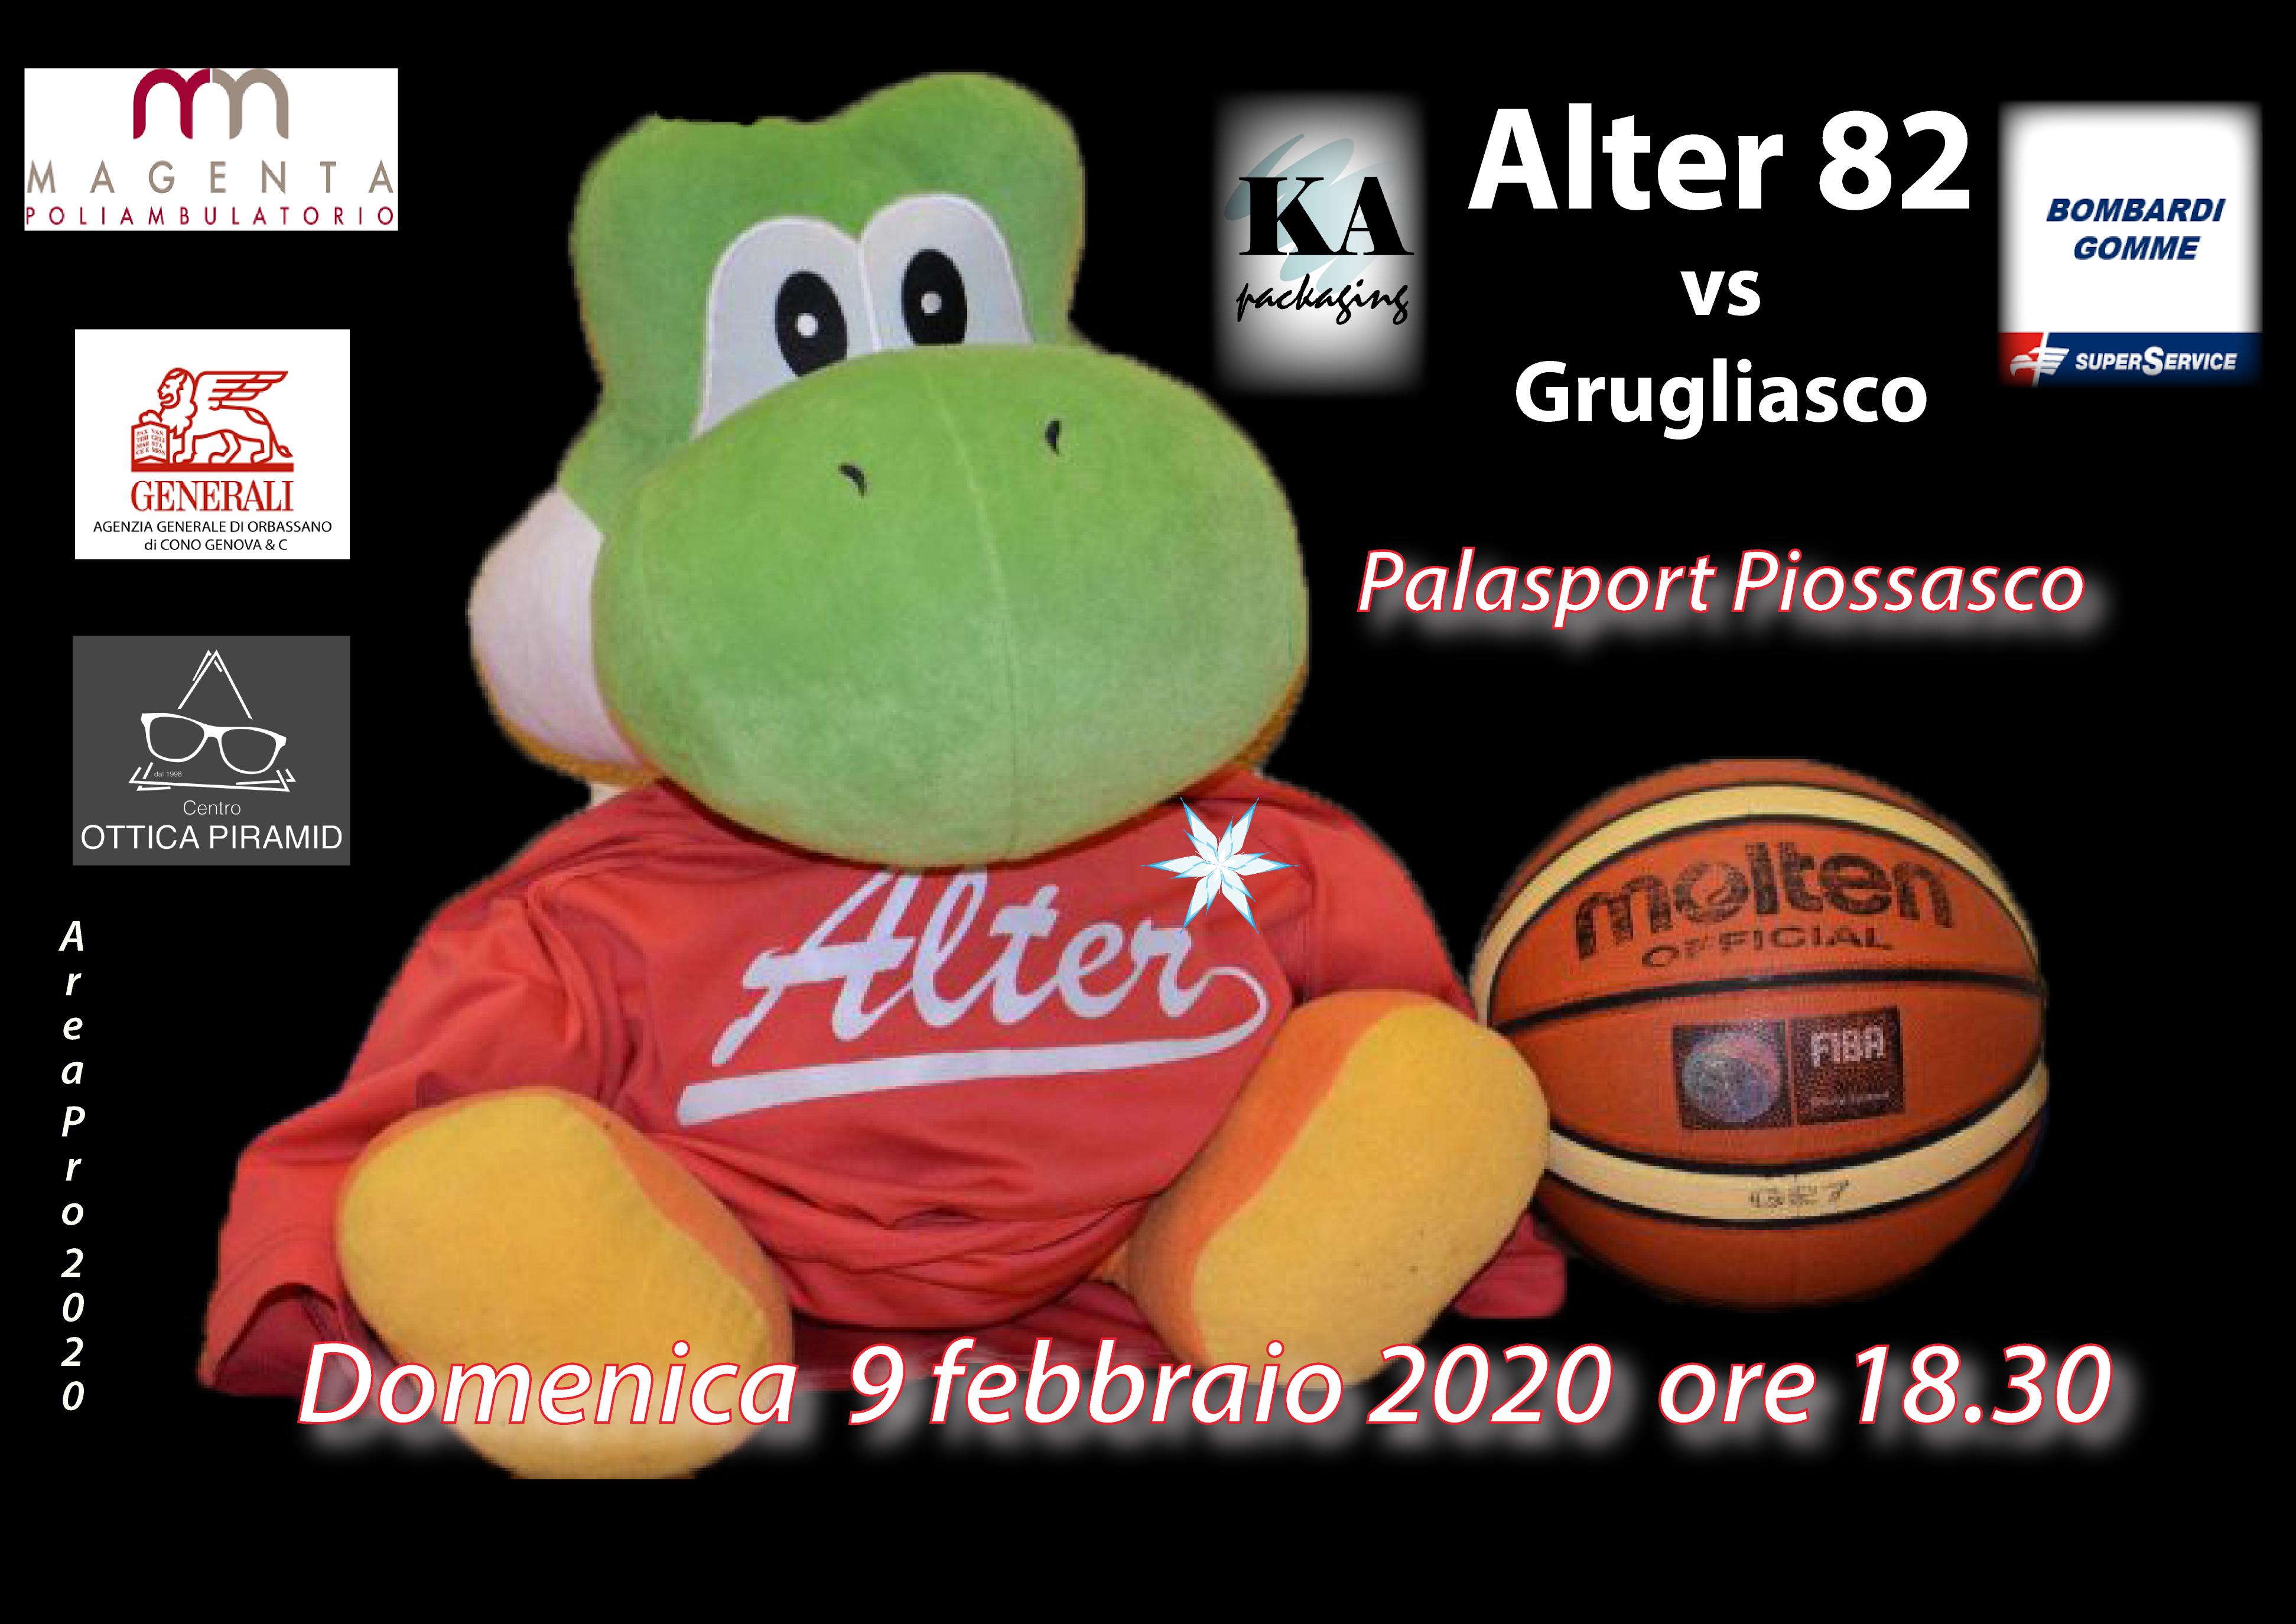 Serie C: Alter vs Grugliasco. Serie D: Atlavir vs Mondovì.